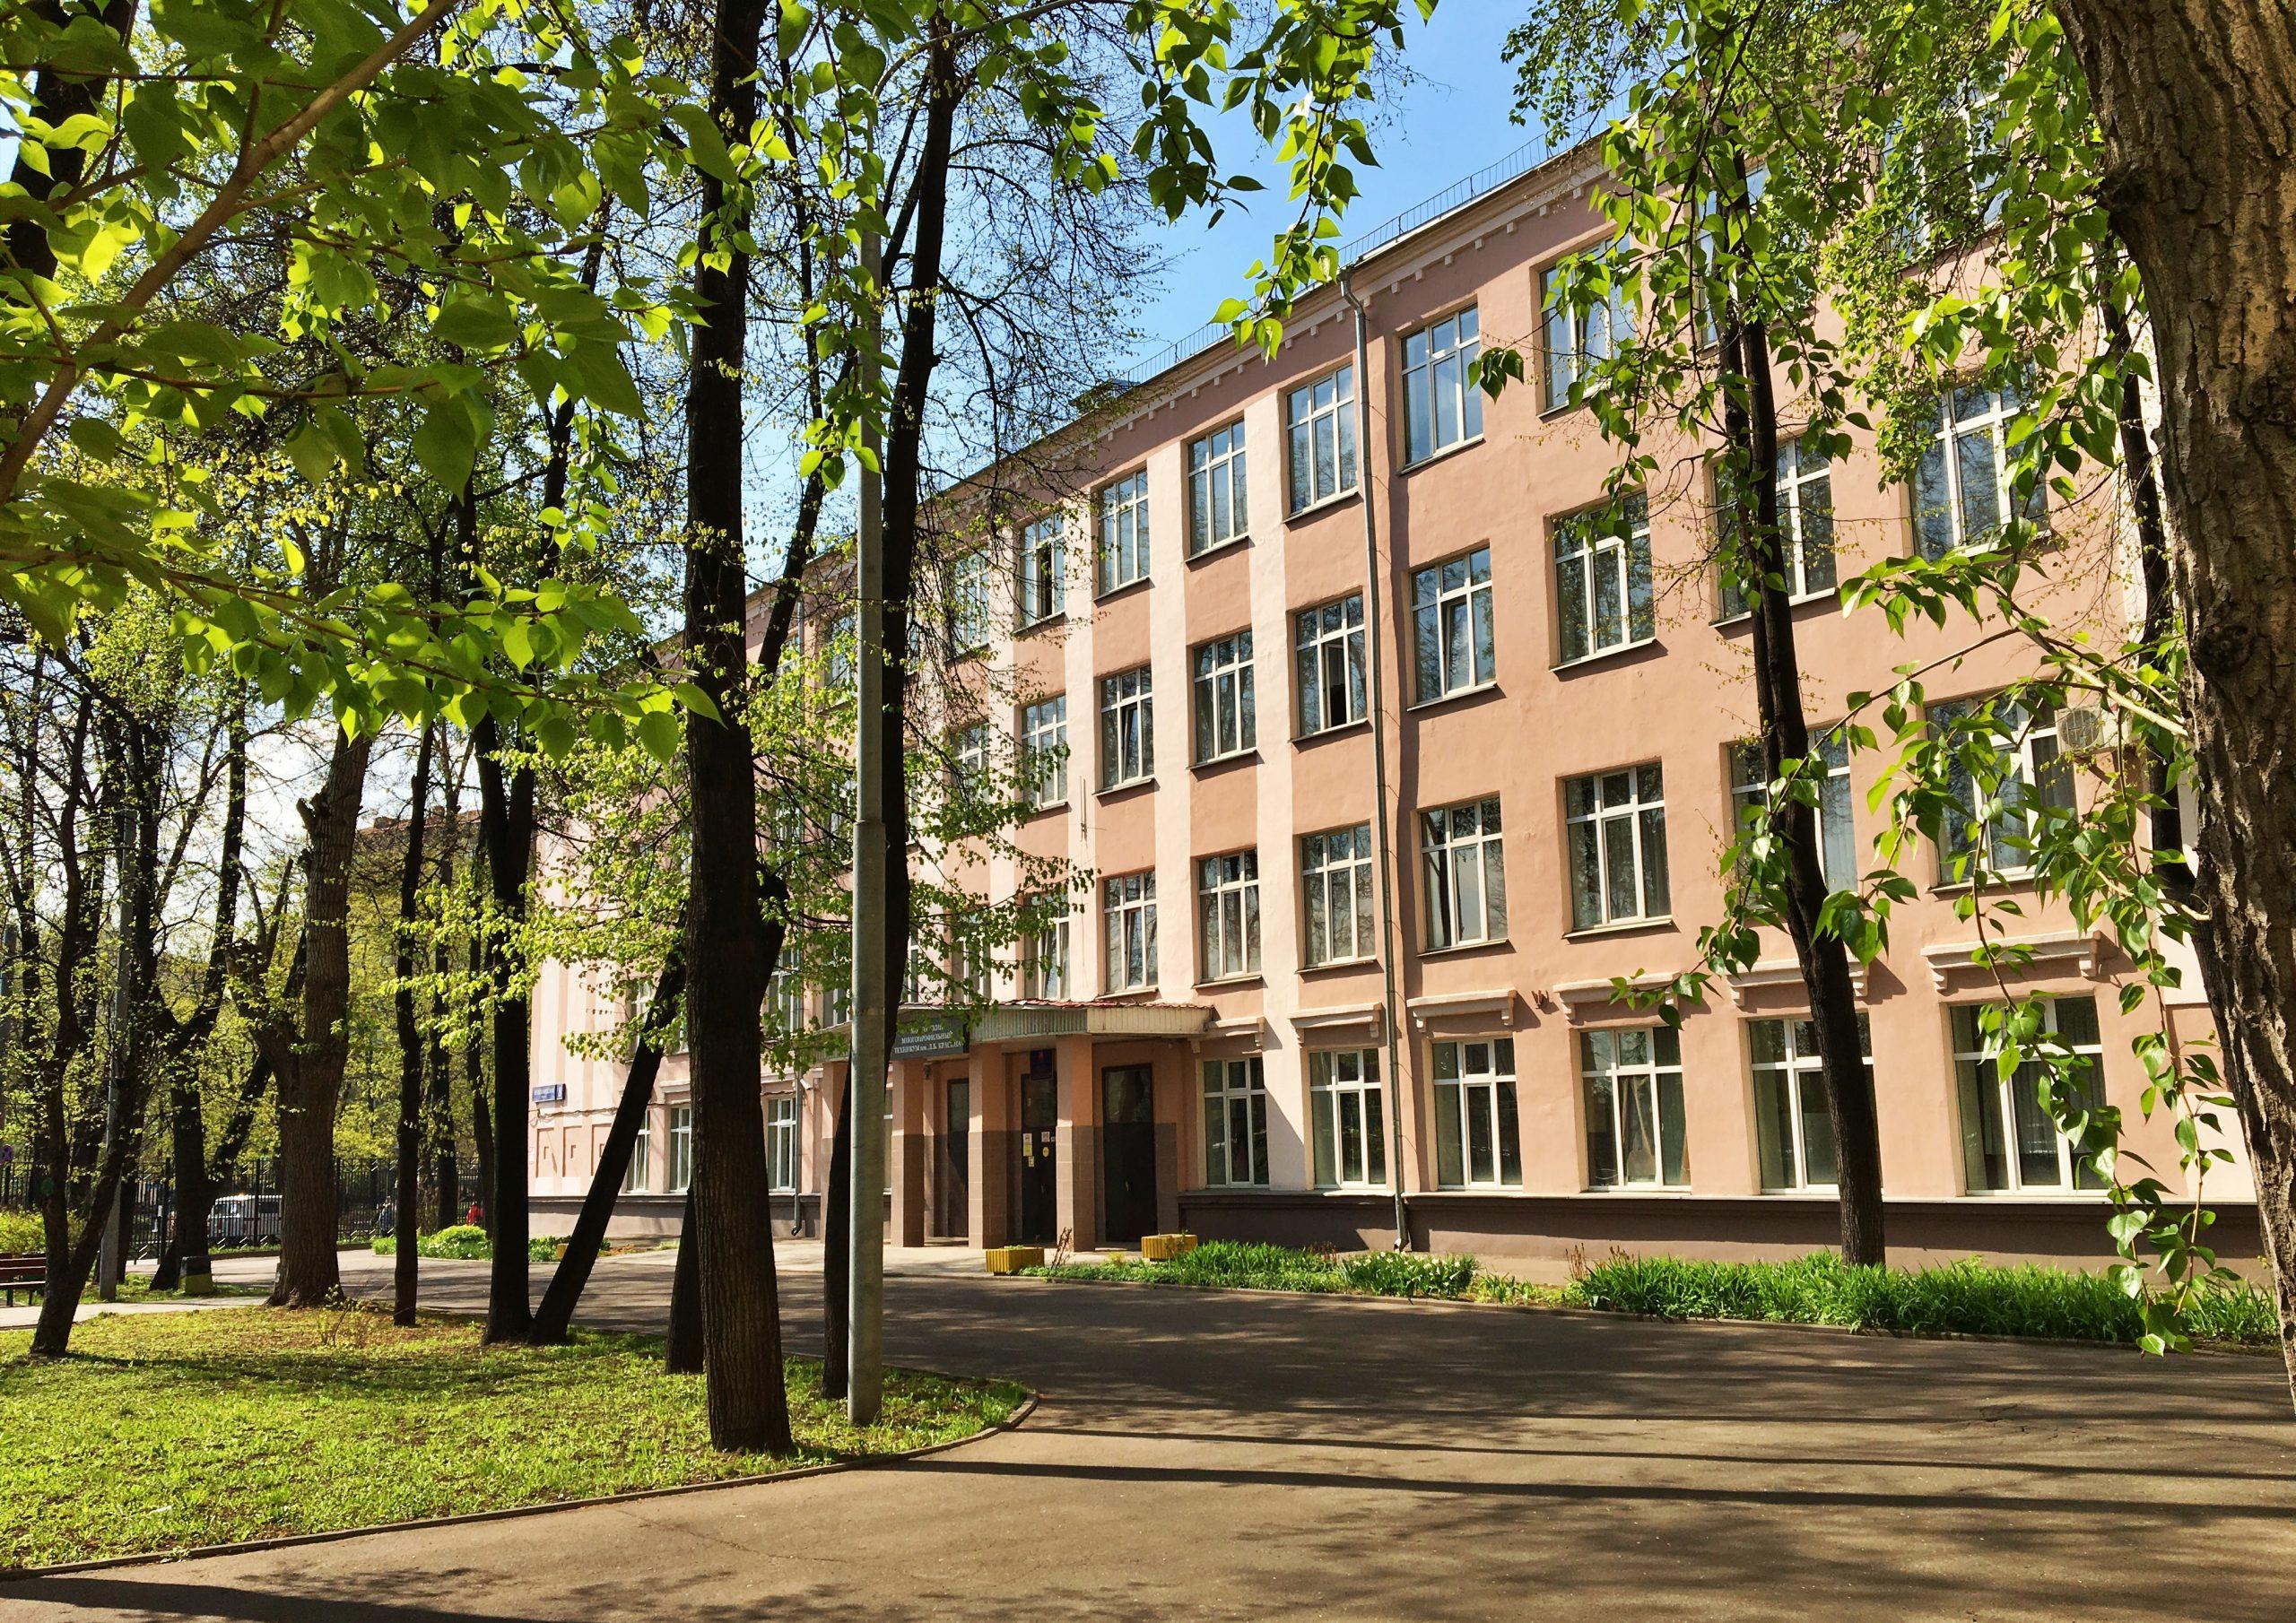 Студентка техникума Красина разработала бизнес-идею известного издательского дома